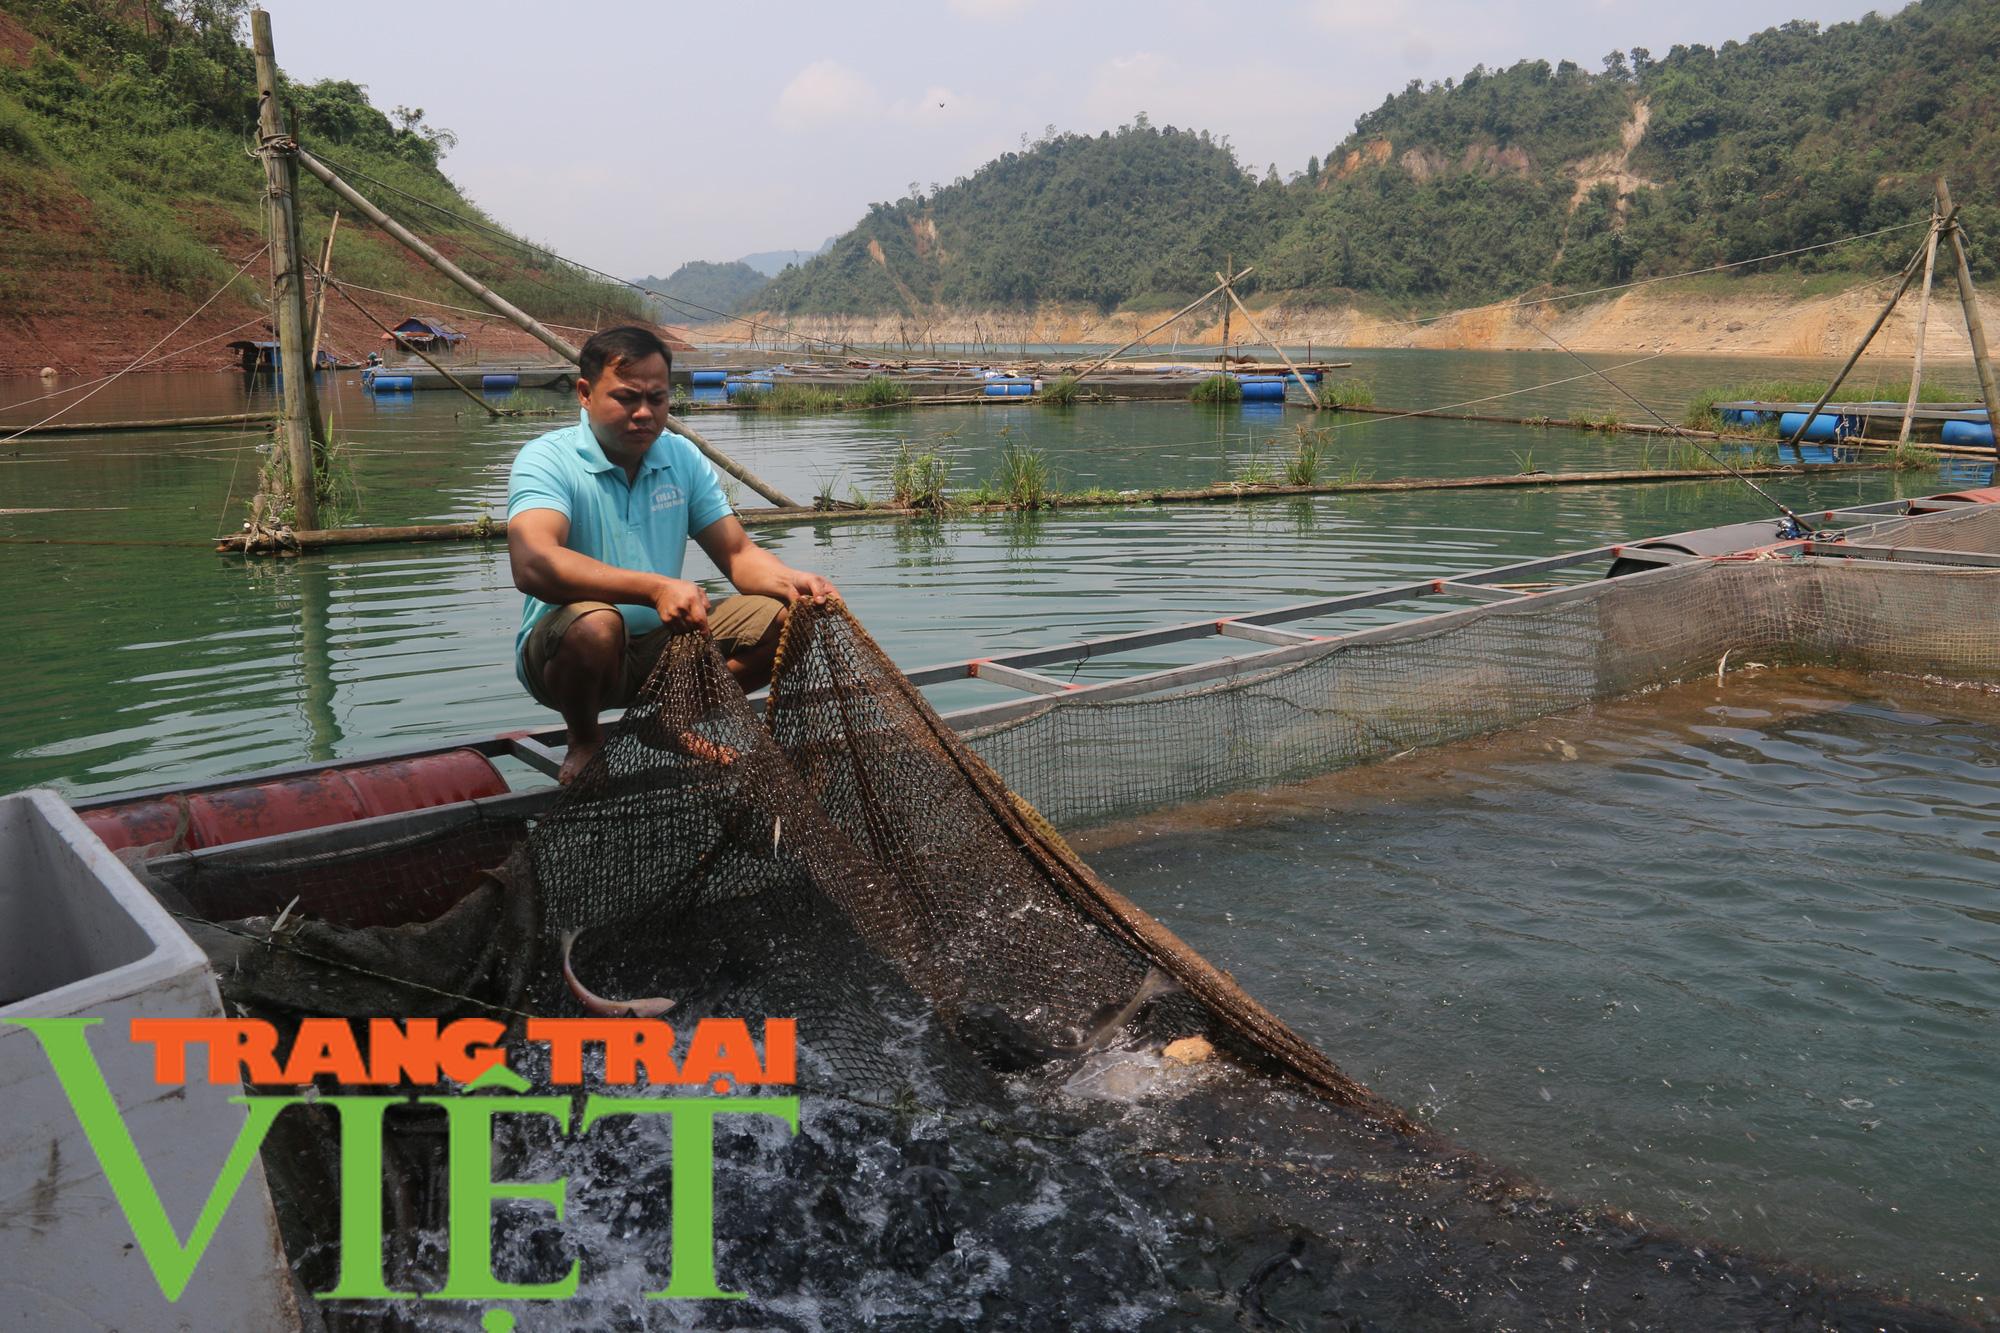 Hòa Bình: Phát huy tiềm năng thế mạnh nuôi cá lồng trên vùng lòng hồ - Ảnh 1.